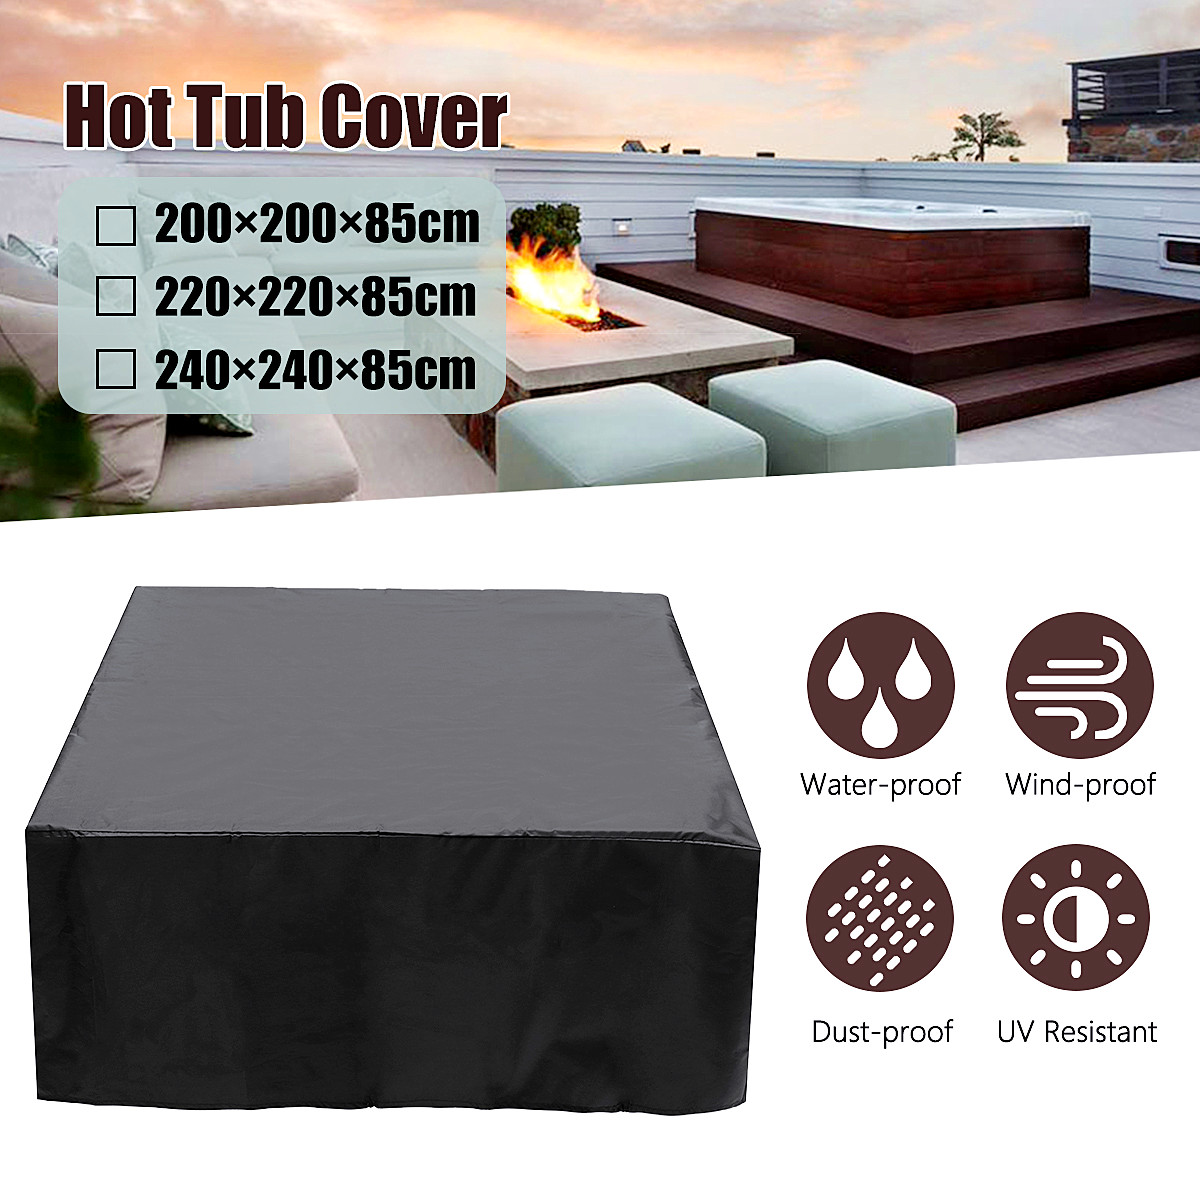 200/220/240*85 cm couverture anti-poussière de bain à remous Durable, anticorrosif, Anti-uv, anti-poussière, résistant à la chaleur et résistant au froid